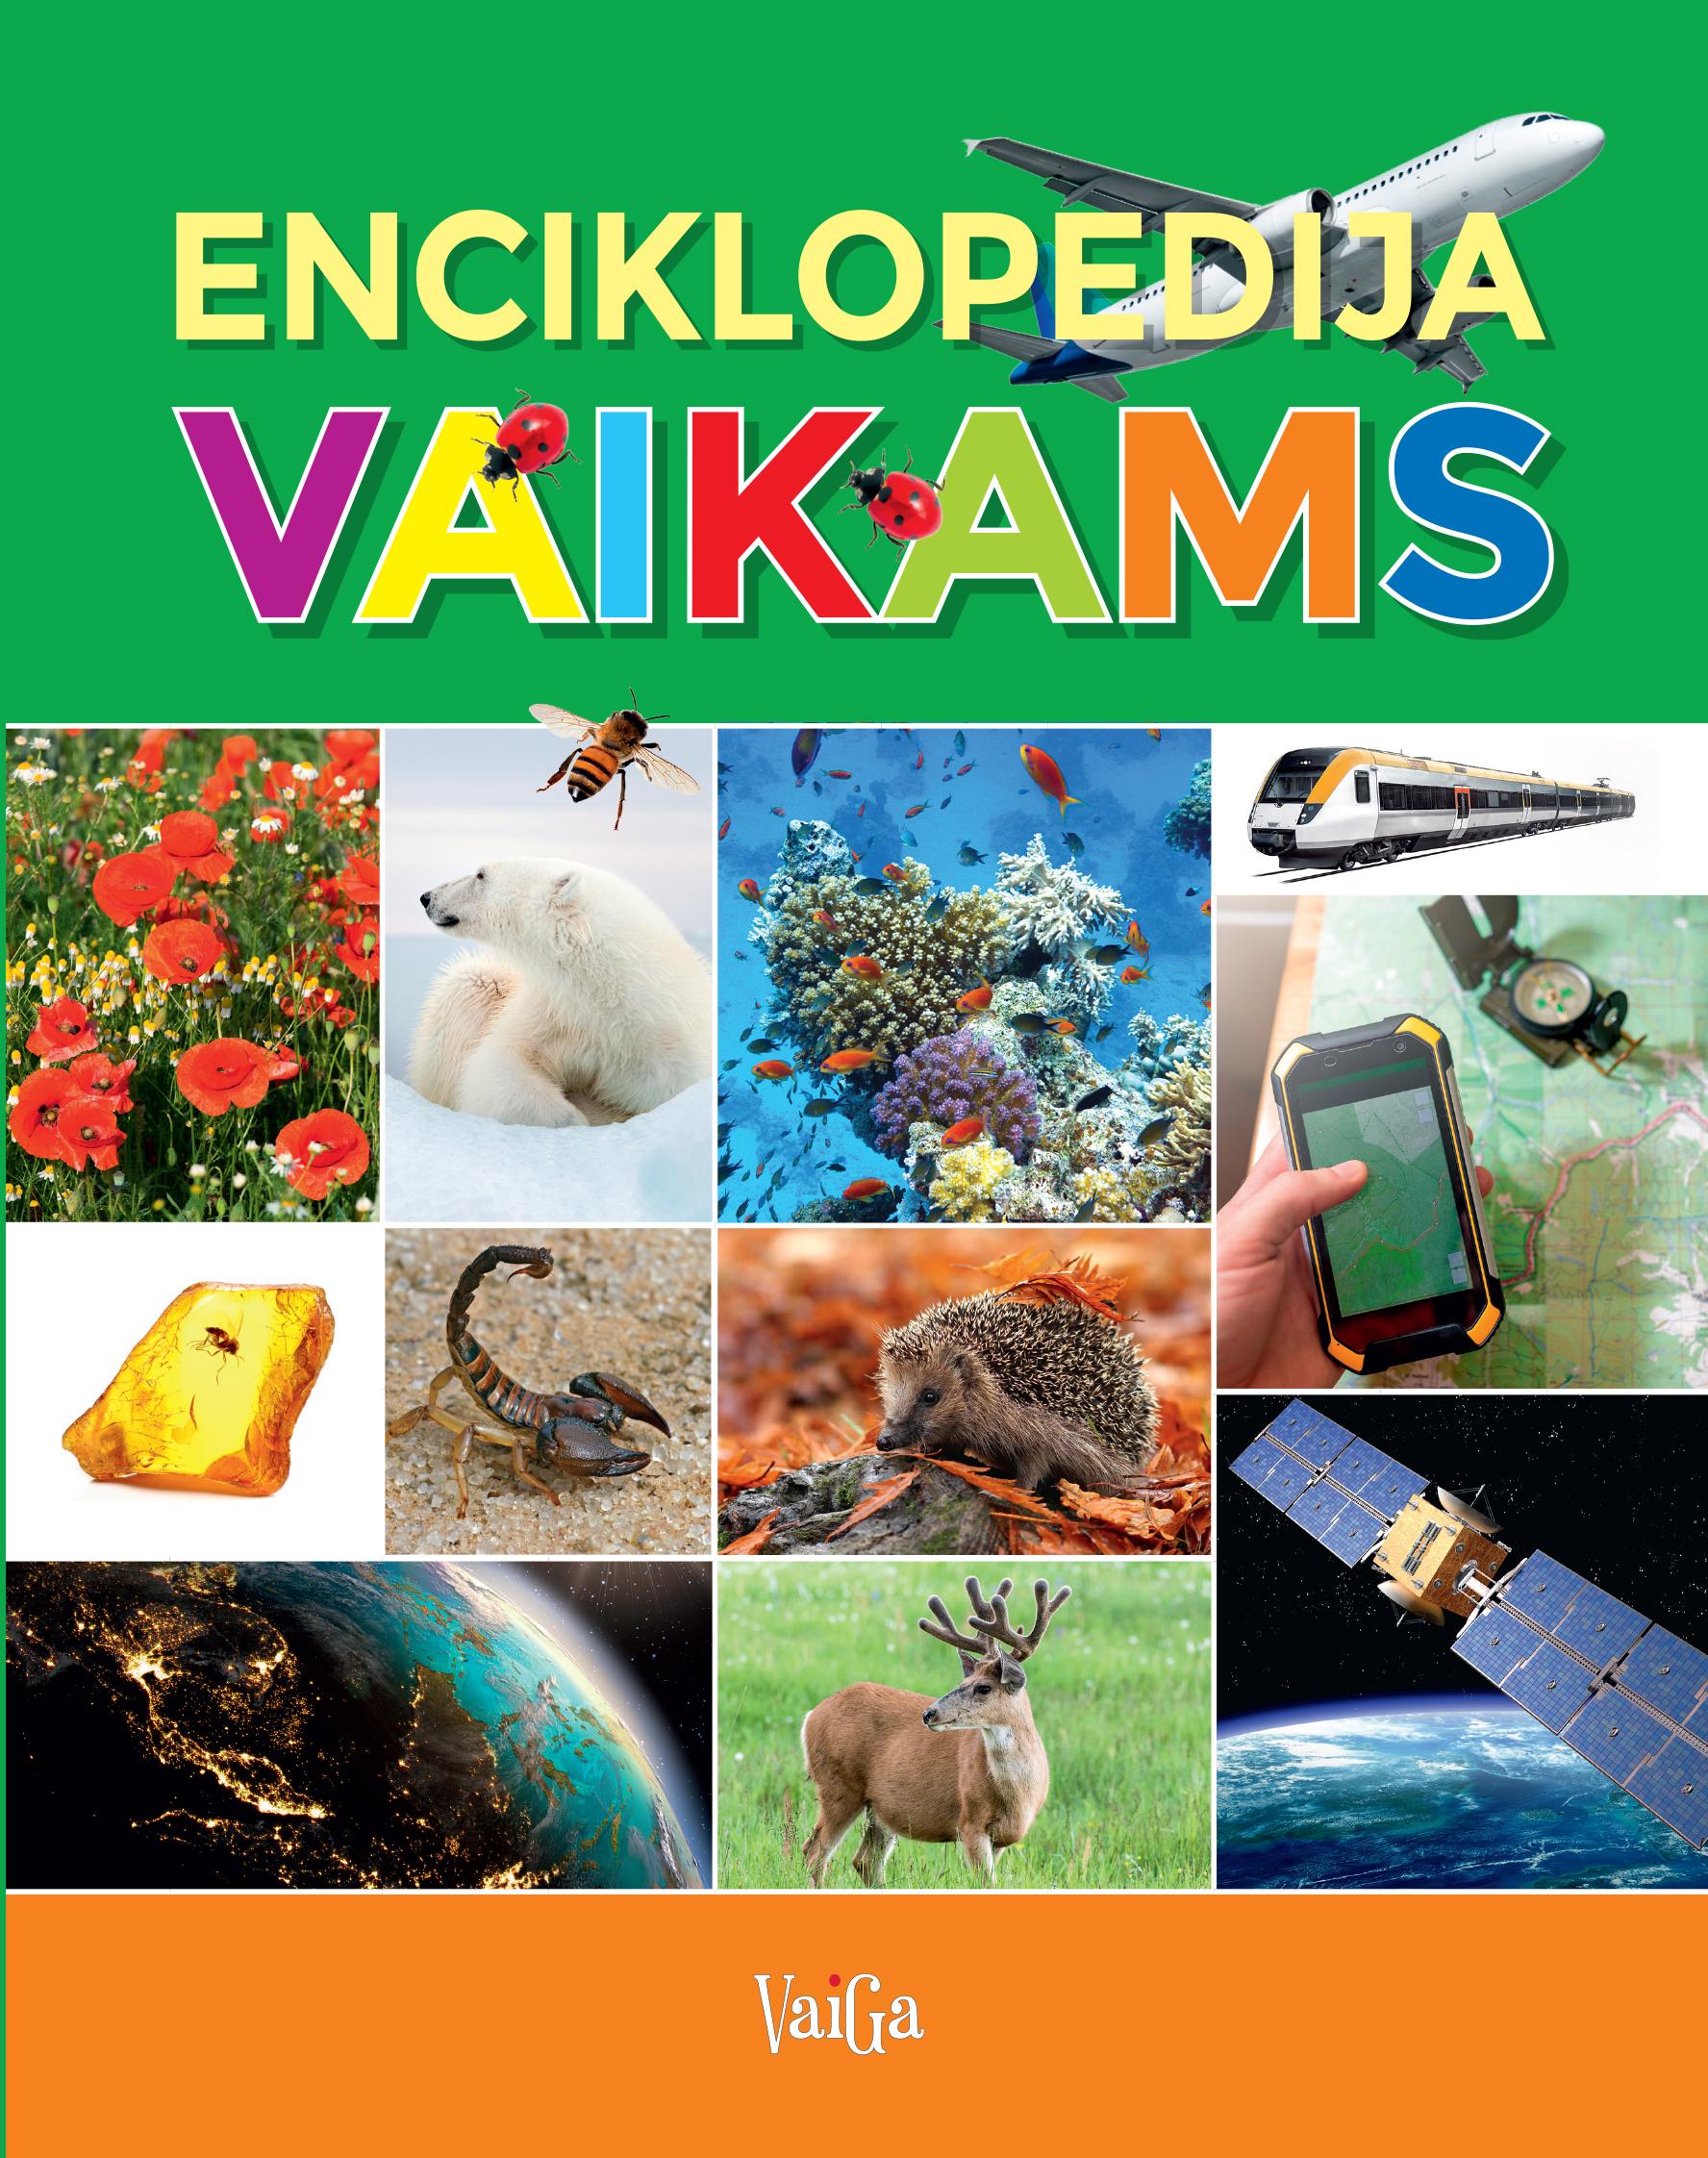 Enciklopedija vaikams